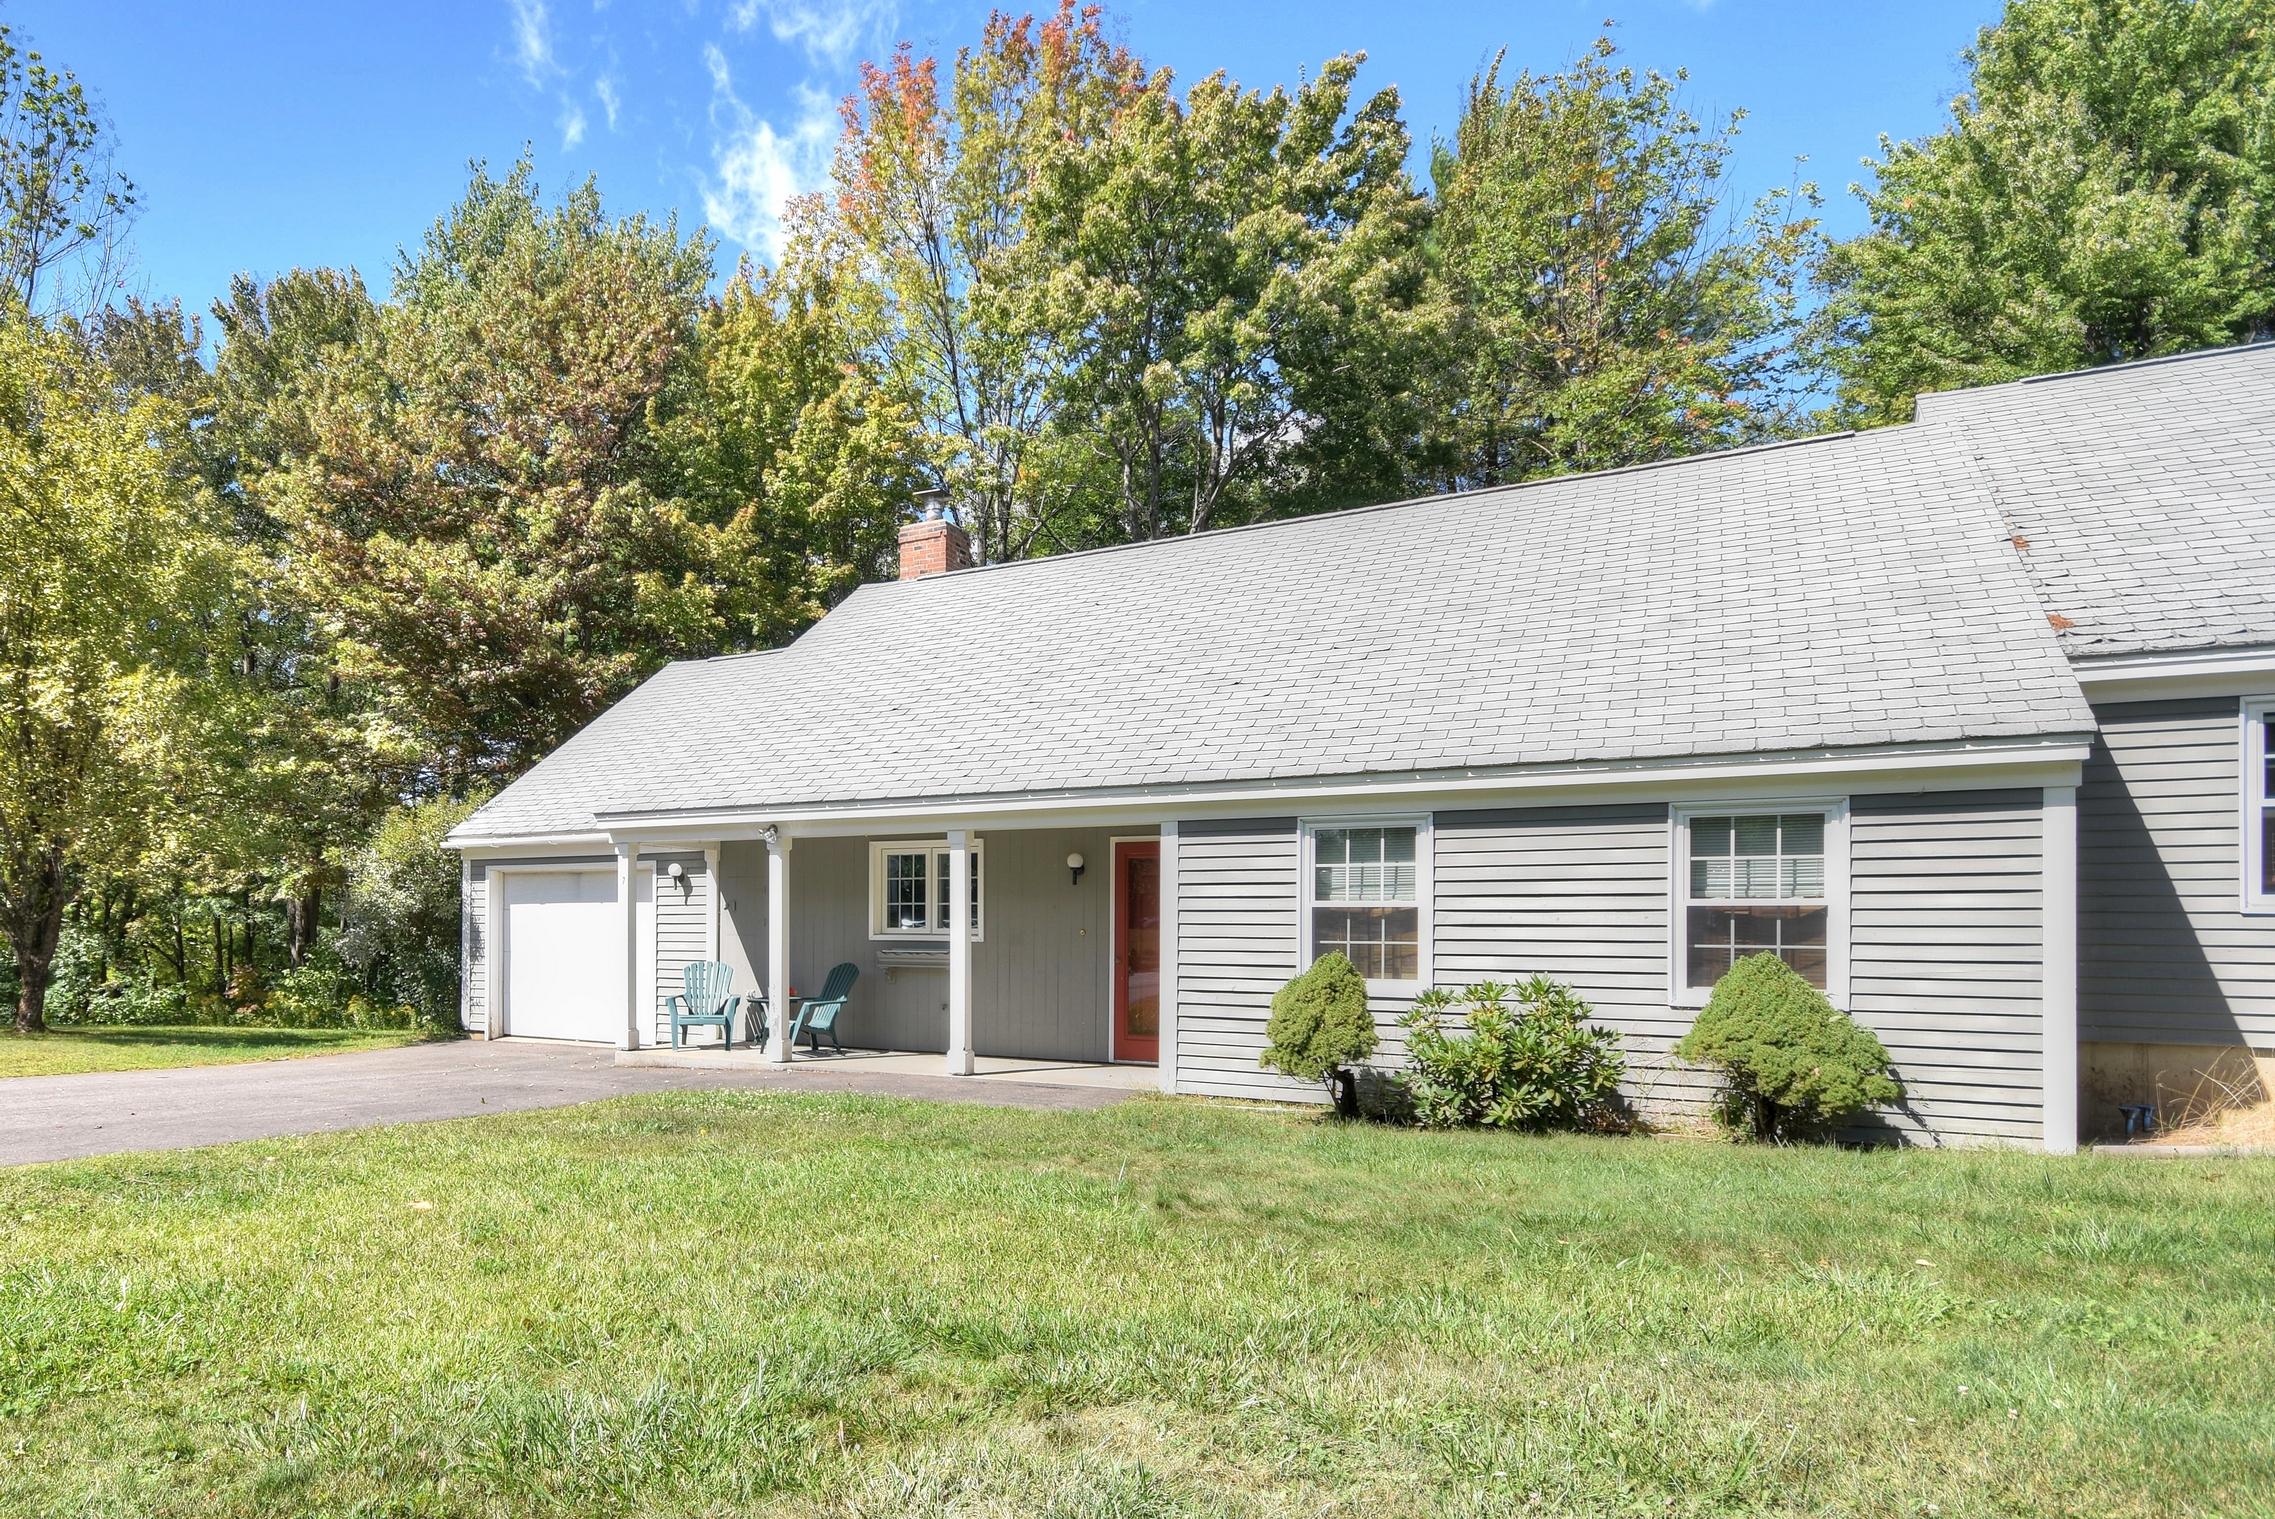 Eigentumswohnung für Verkauf beim 7 Hemlock Drive 7, Belmont 7 Hemlock Dr 7 Belmont, New Hampshire, 03220 Vereinigte Staaten